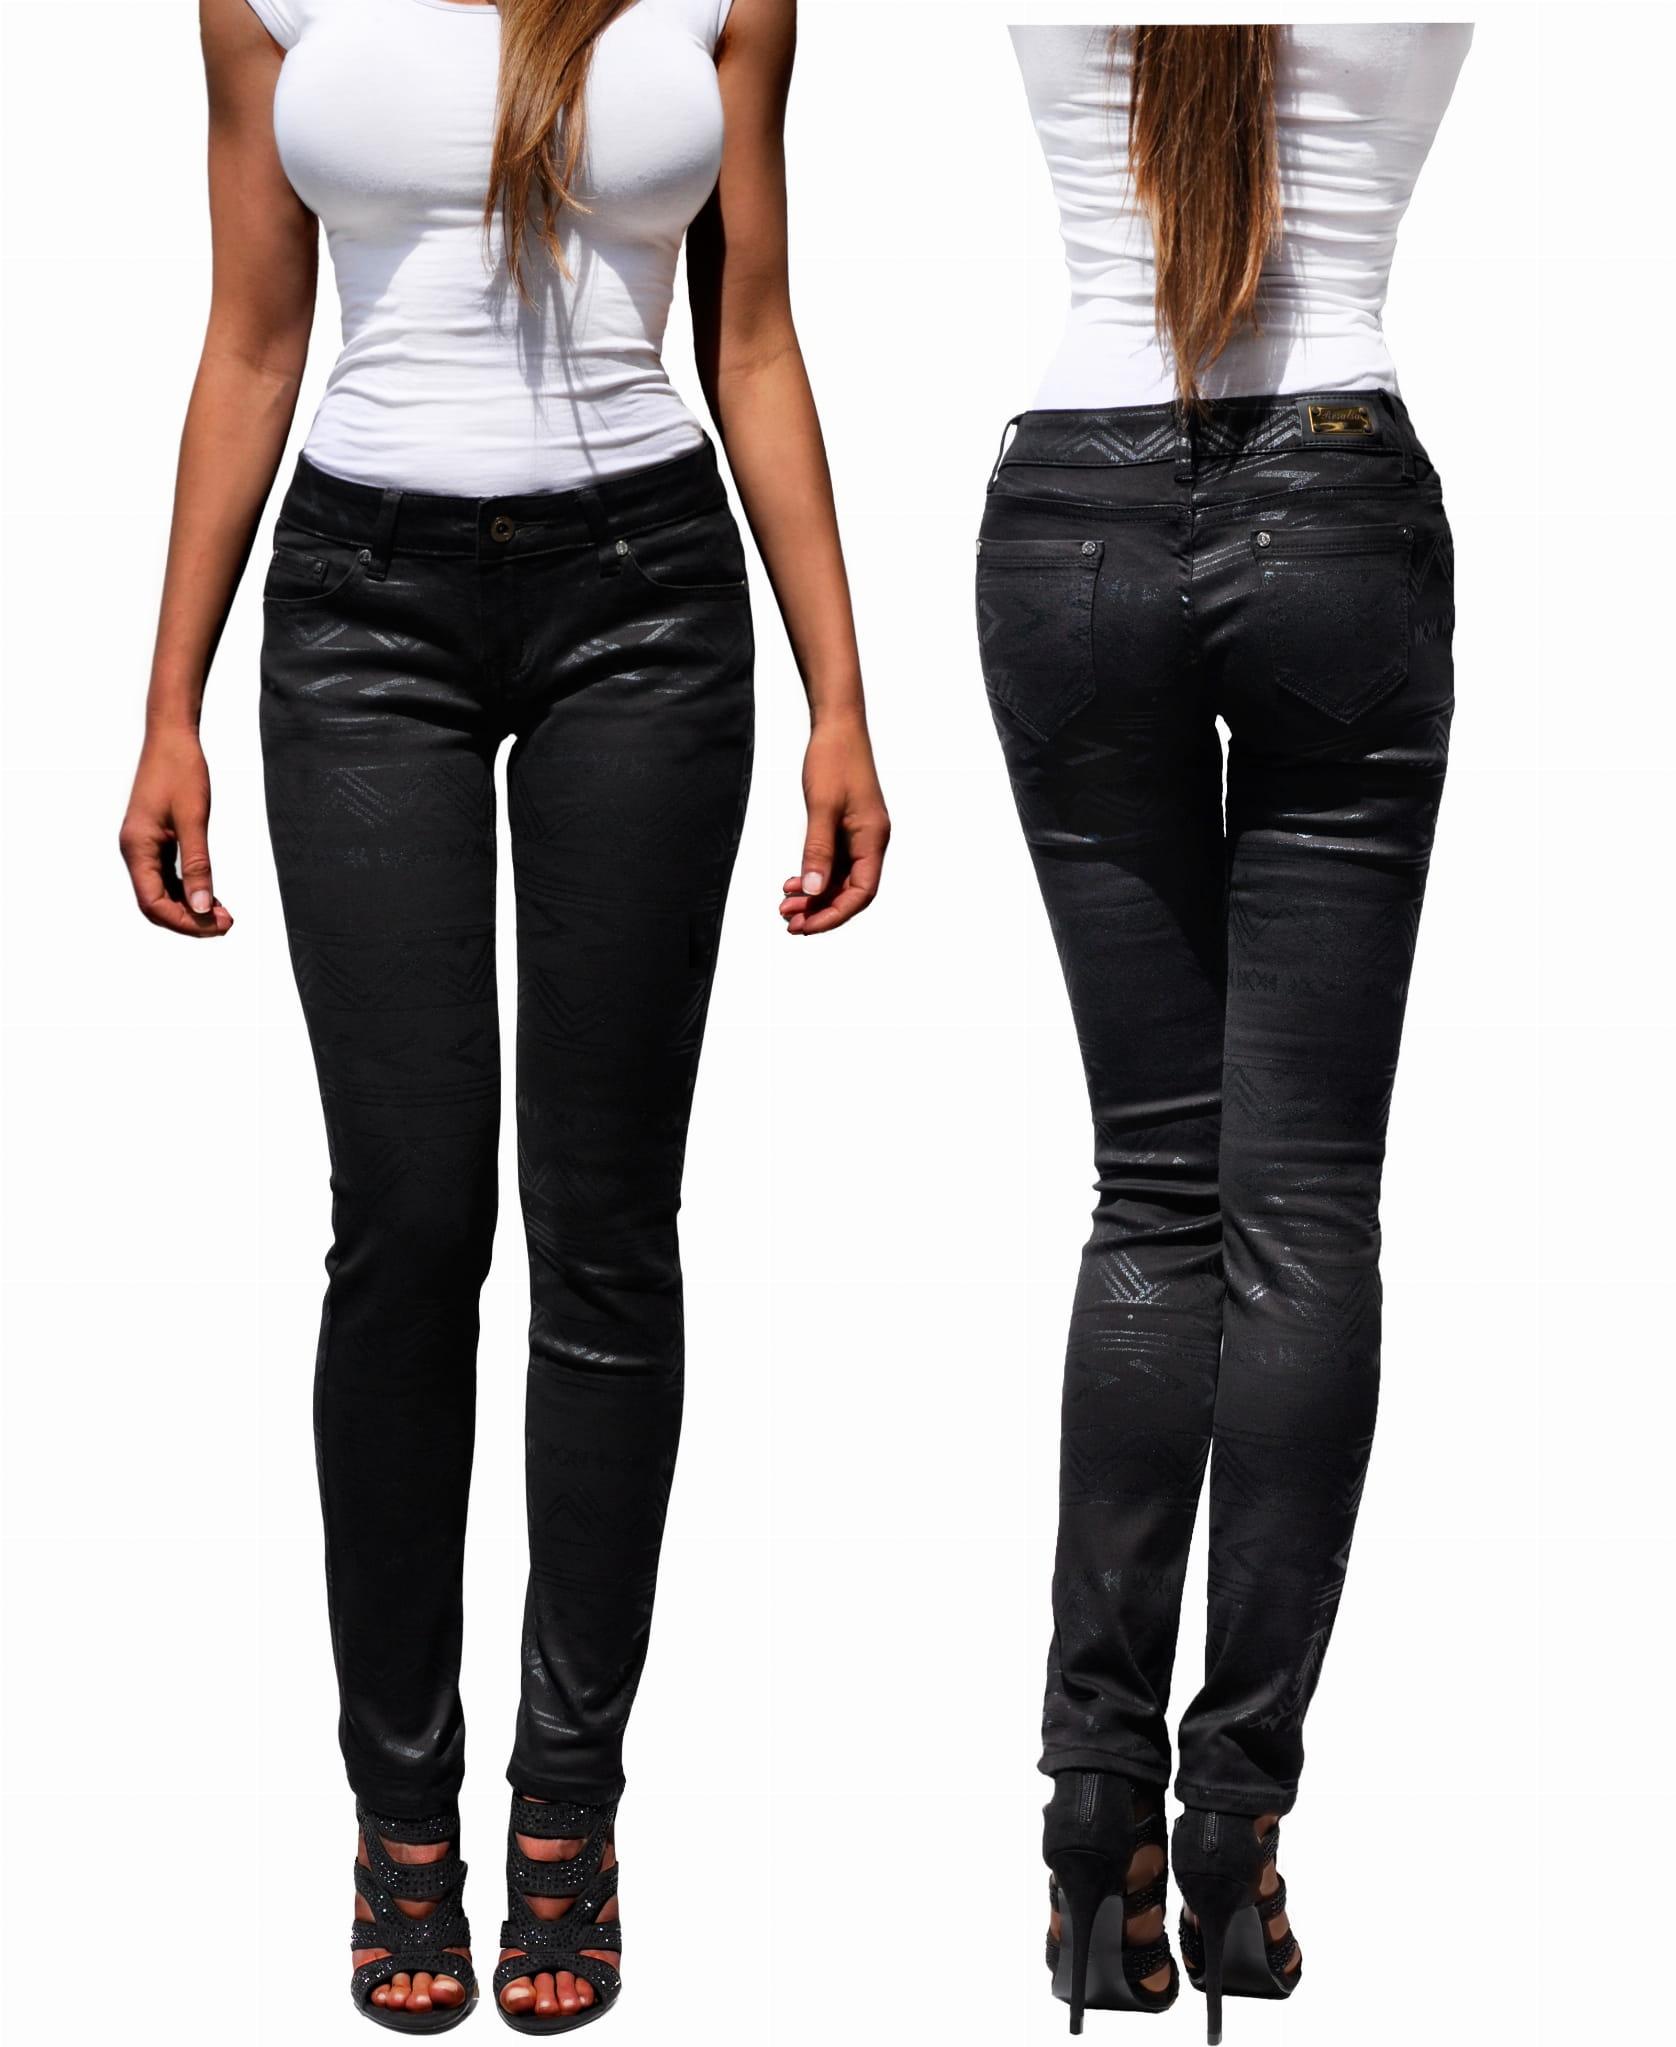 czarne spodnie damskie jnsy